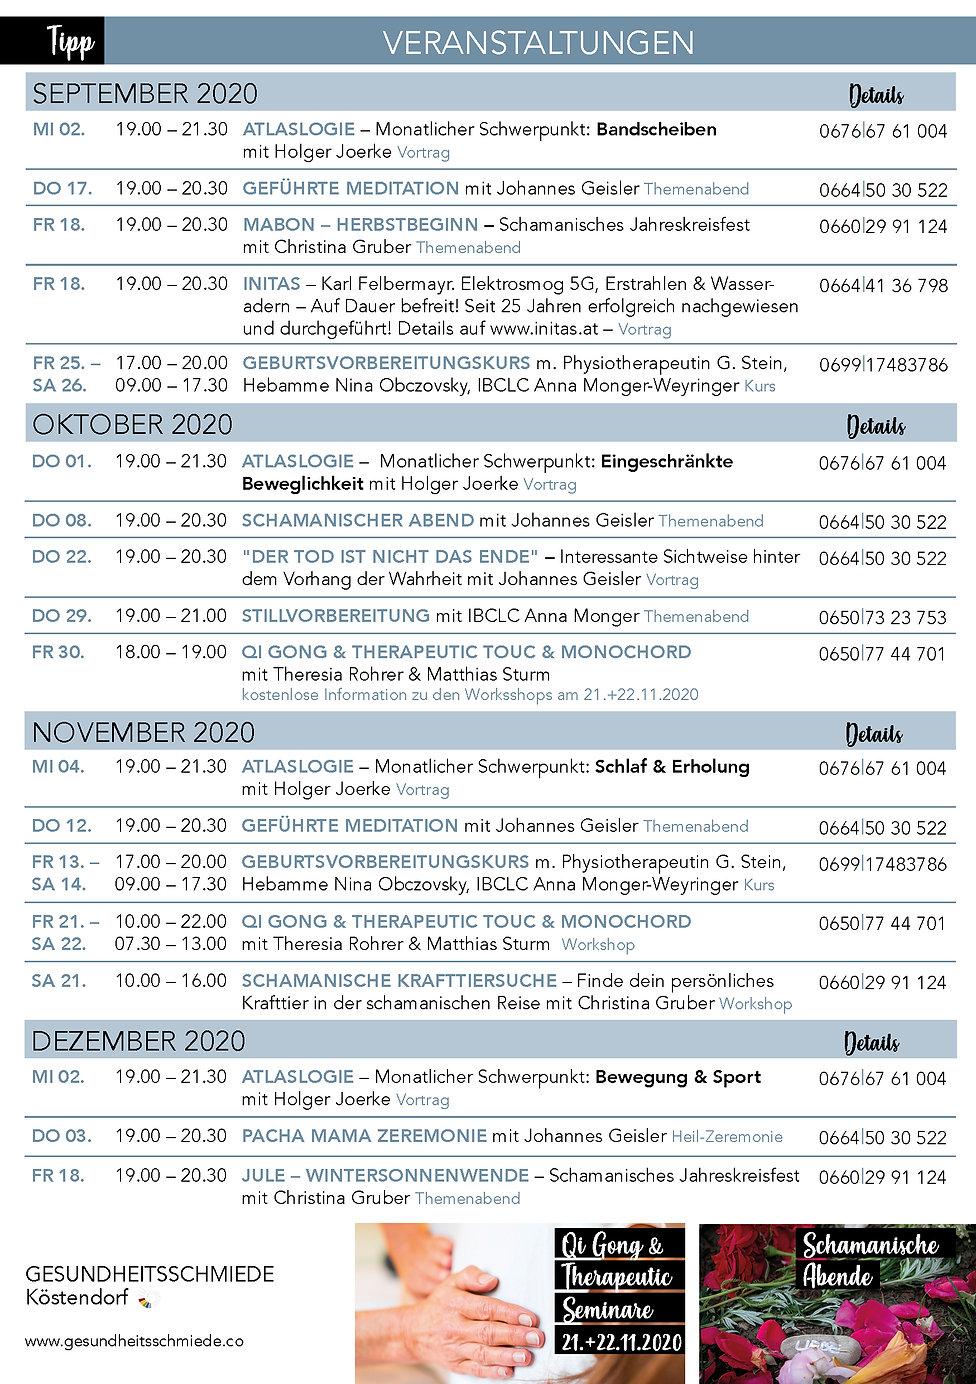 Veranstaltungen_10.10.20.jpg